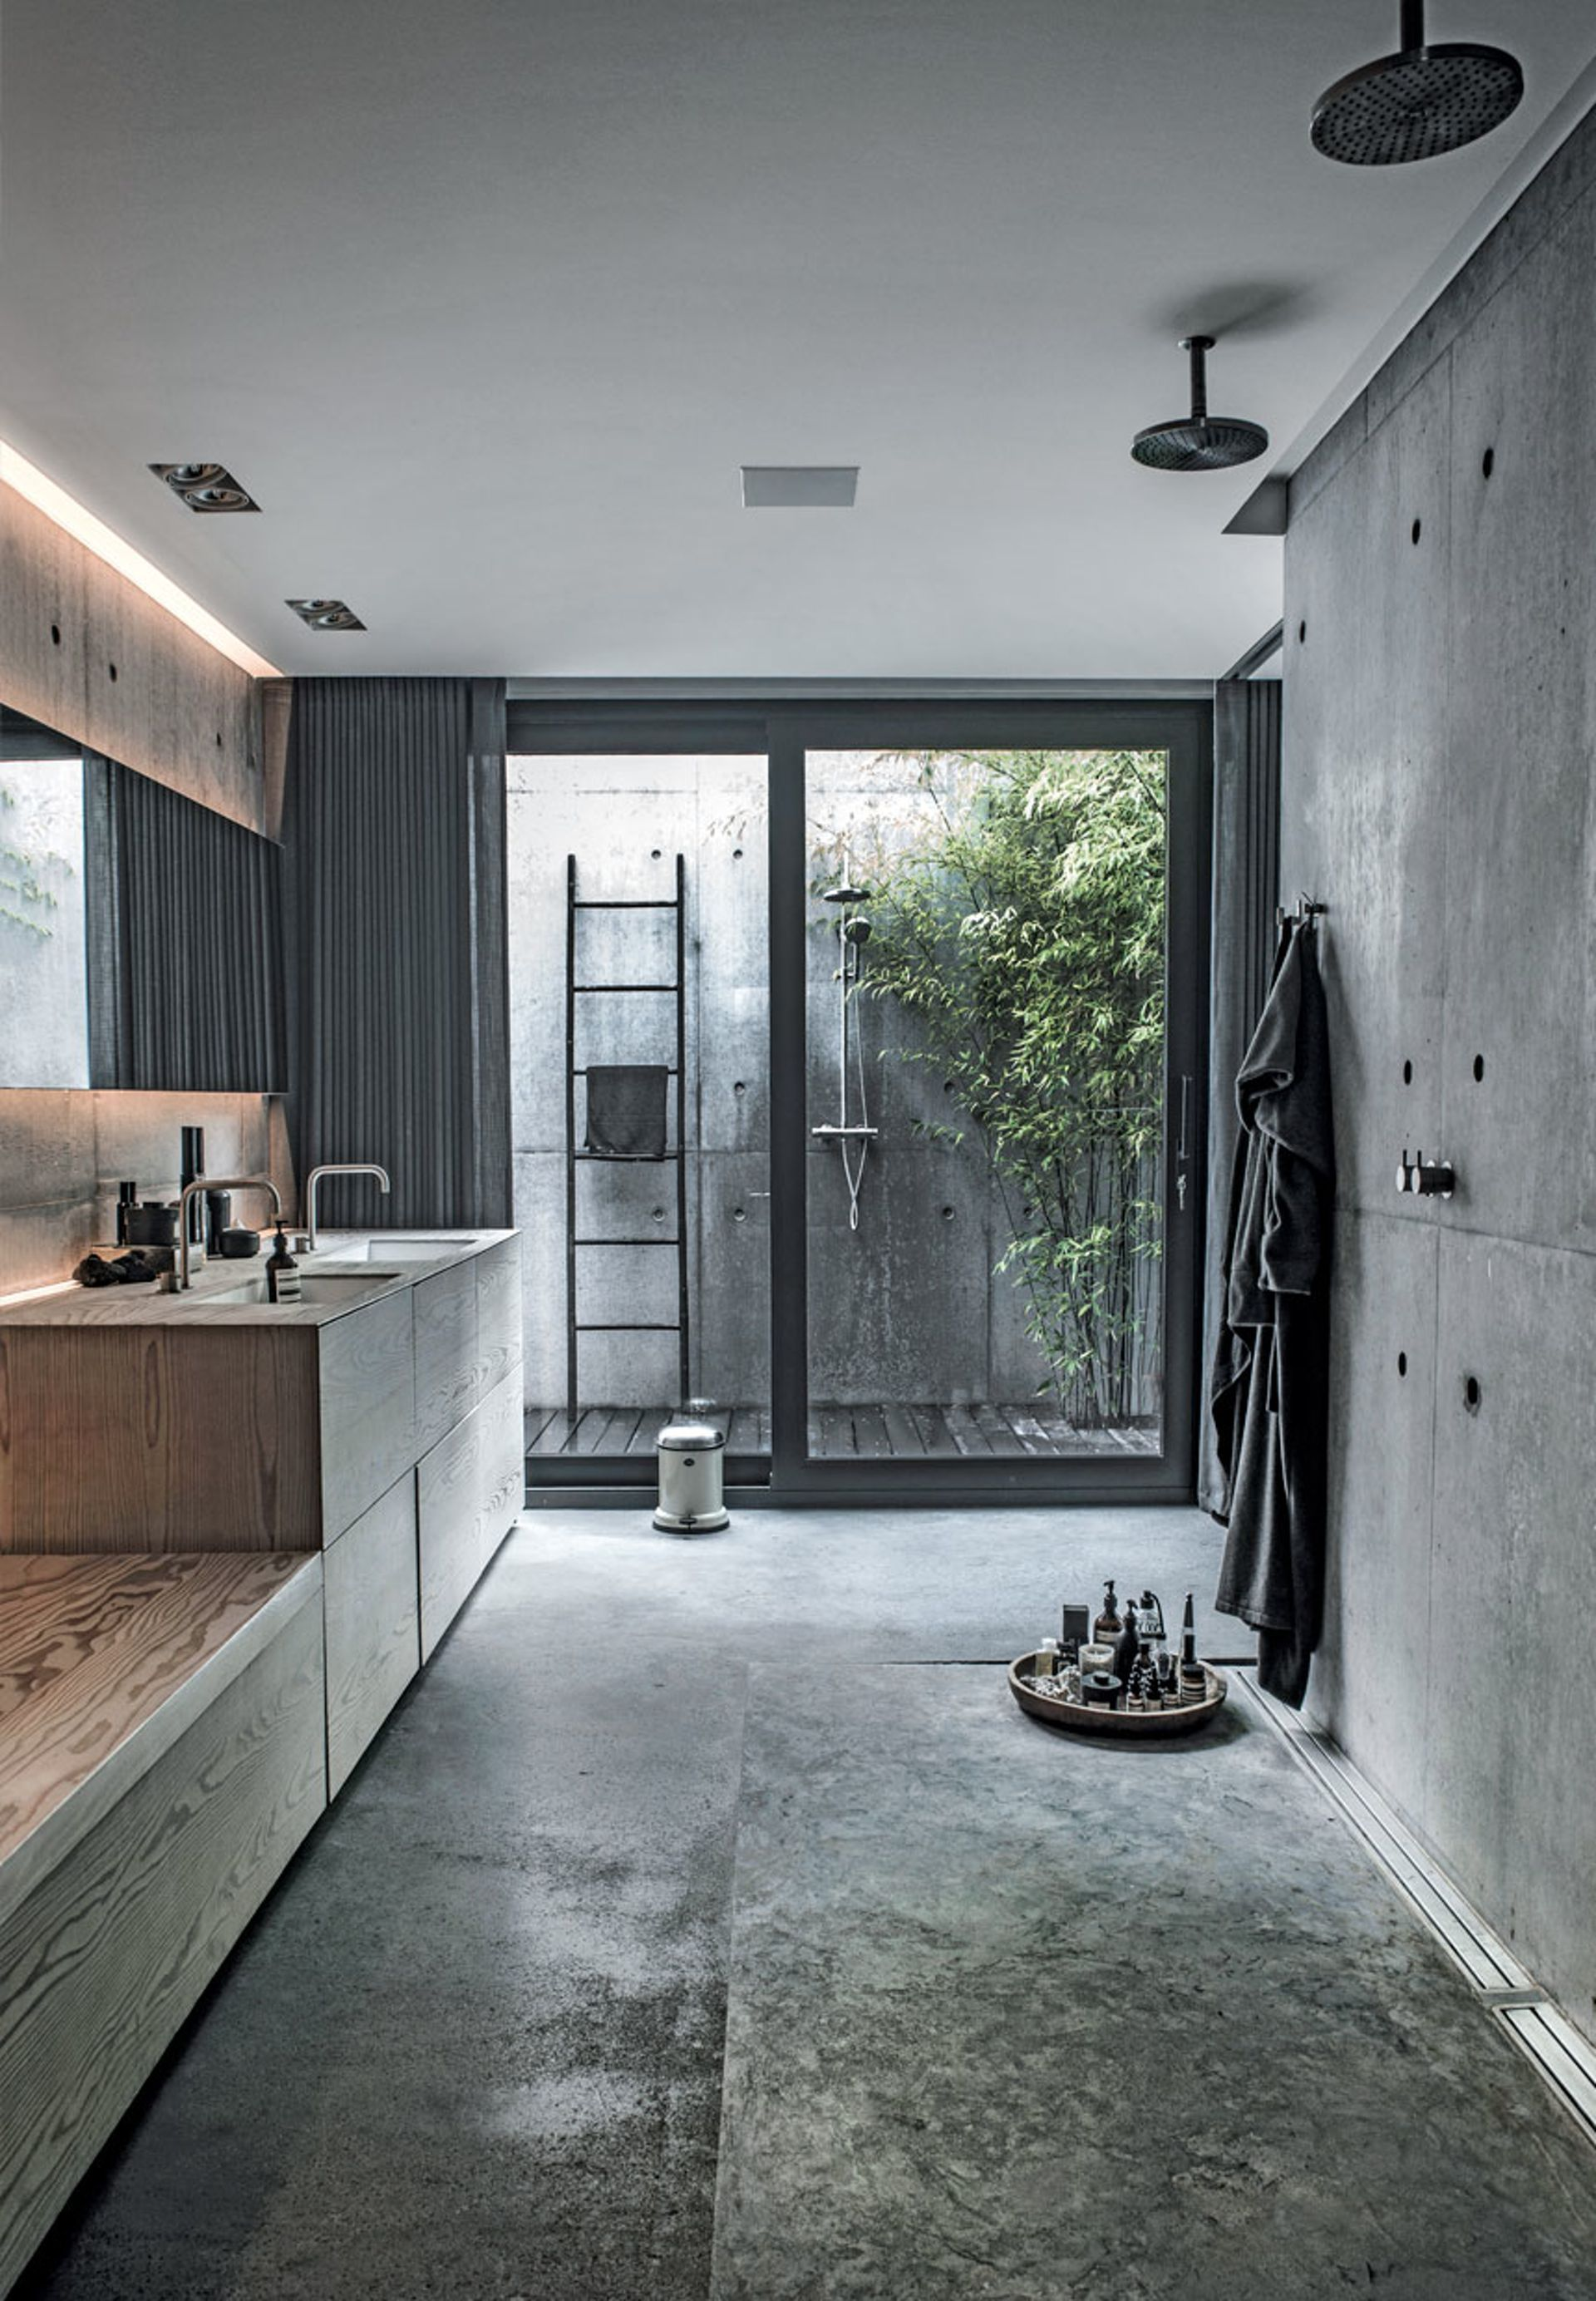 Badezimmer   Moderne Beton Villa   Die Restlichen Bilder Auch Unbedingt  Ansehen